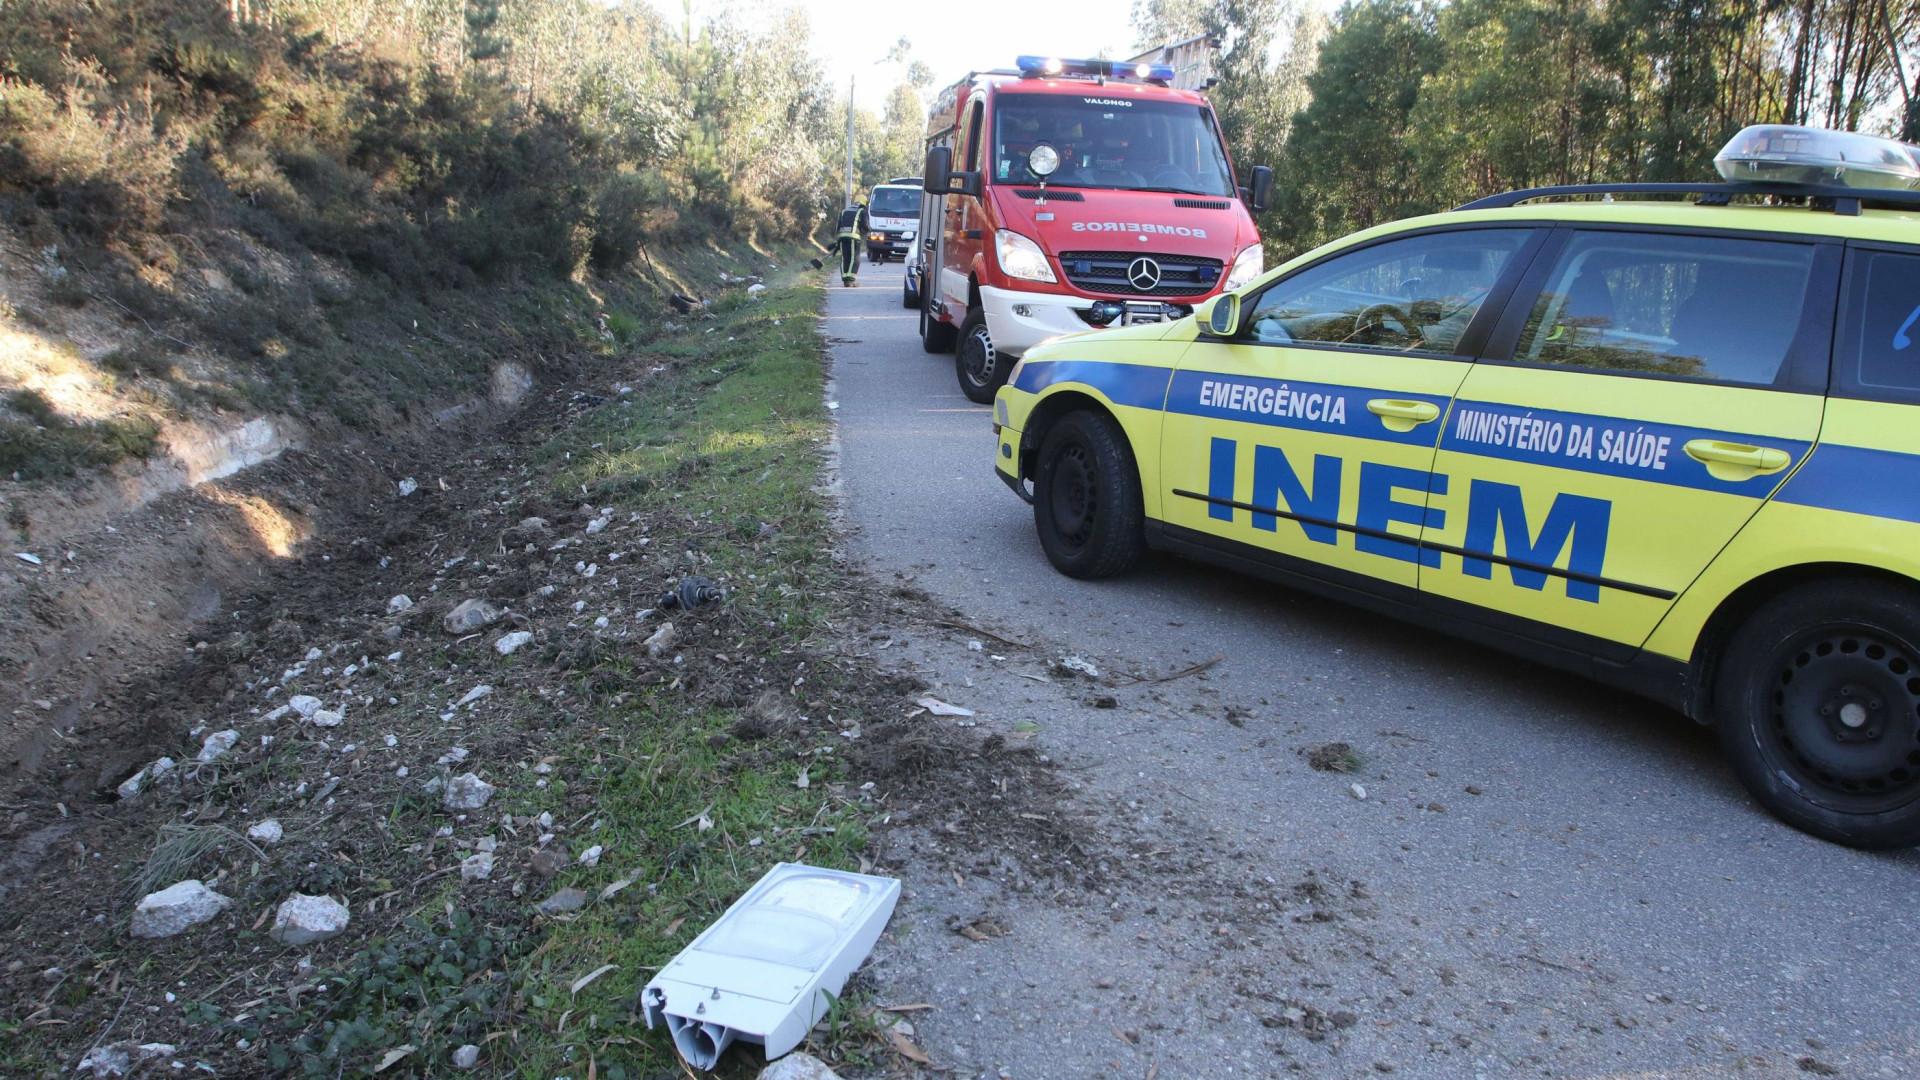 Explosão pirotécnica em Penacova faz um morto e três feridos graves